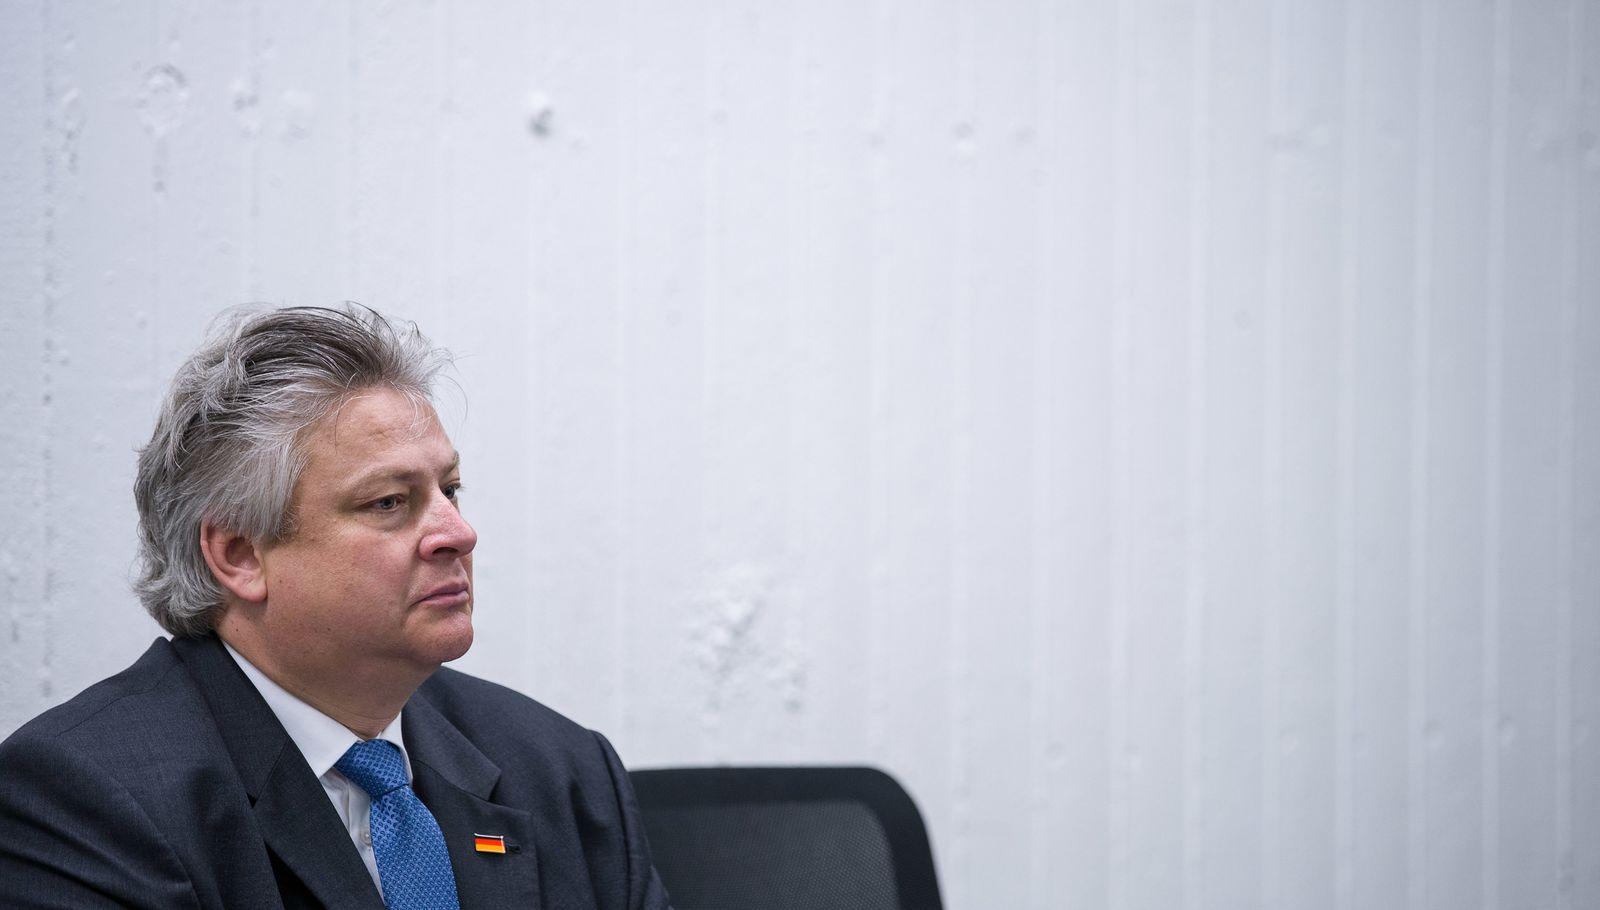 Disziplinarverfahren gegen AfD-Bundestagsabgeordneten